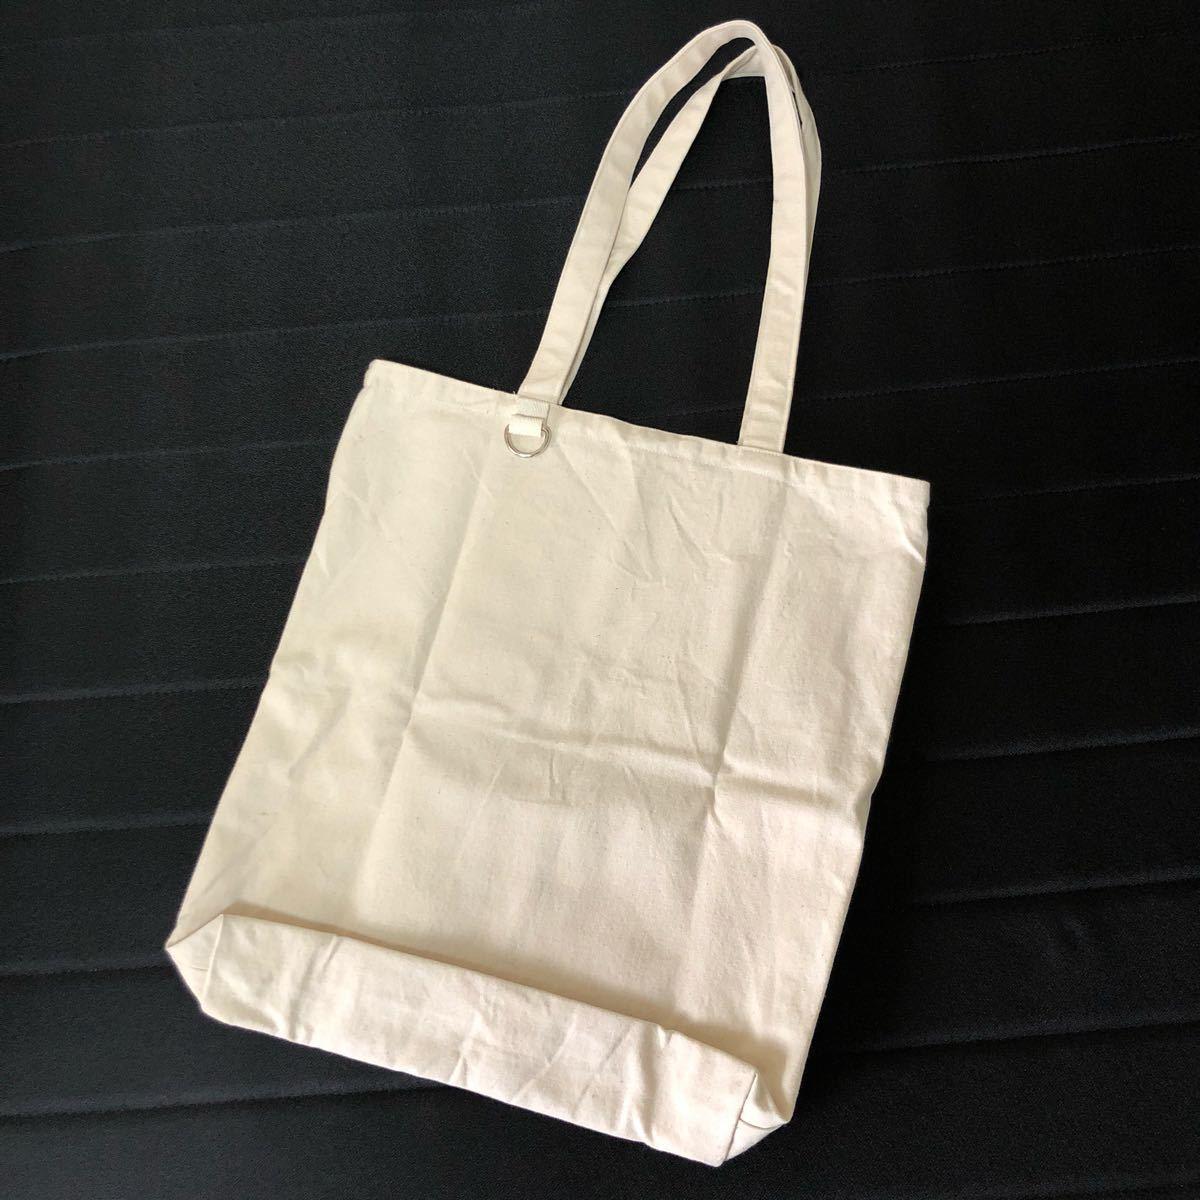 トートバッグ エコバッグ  手提げ袋